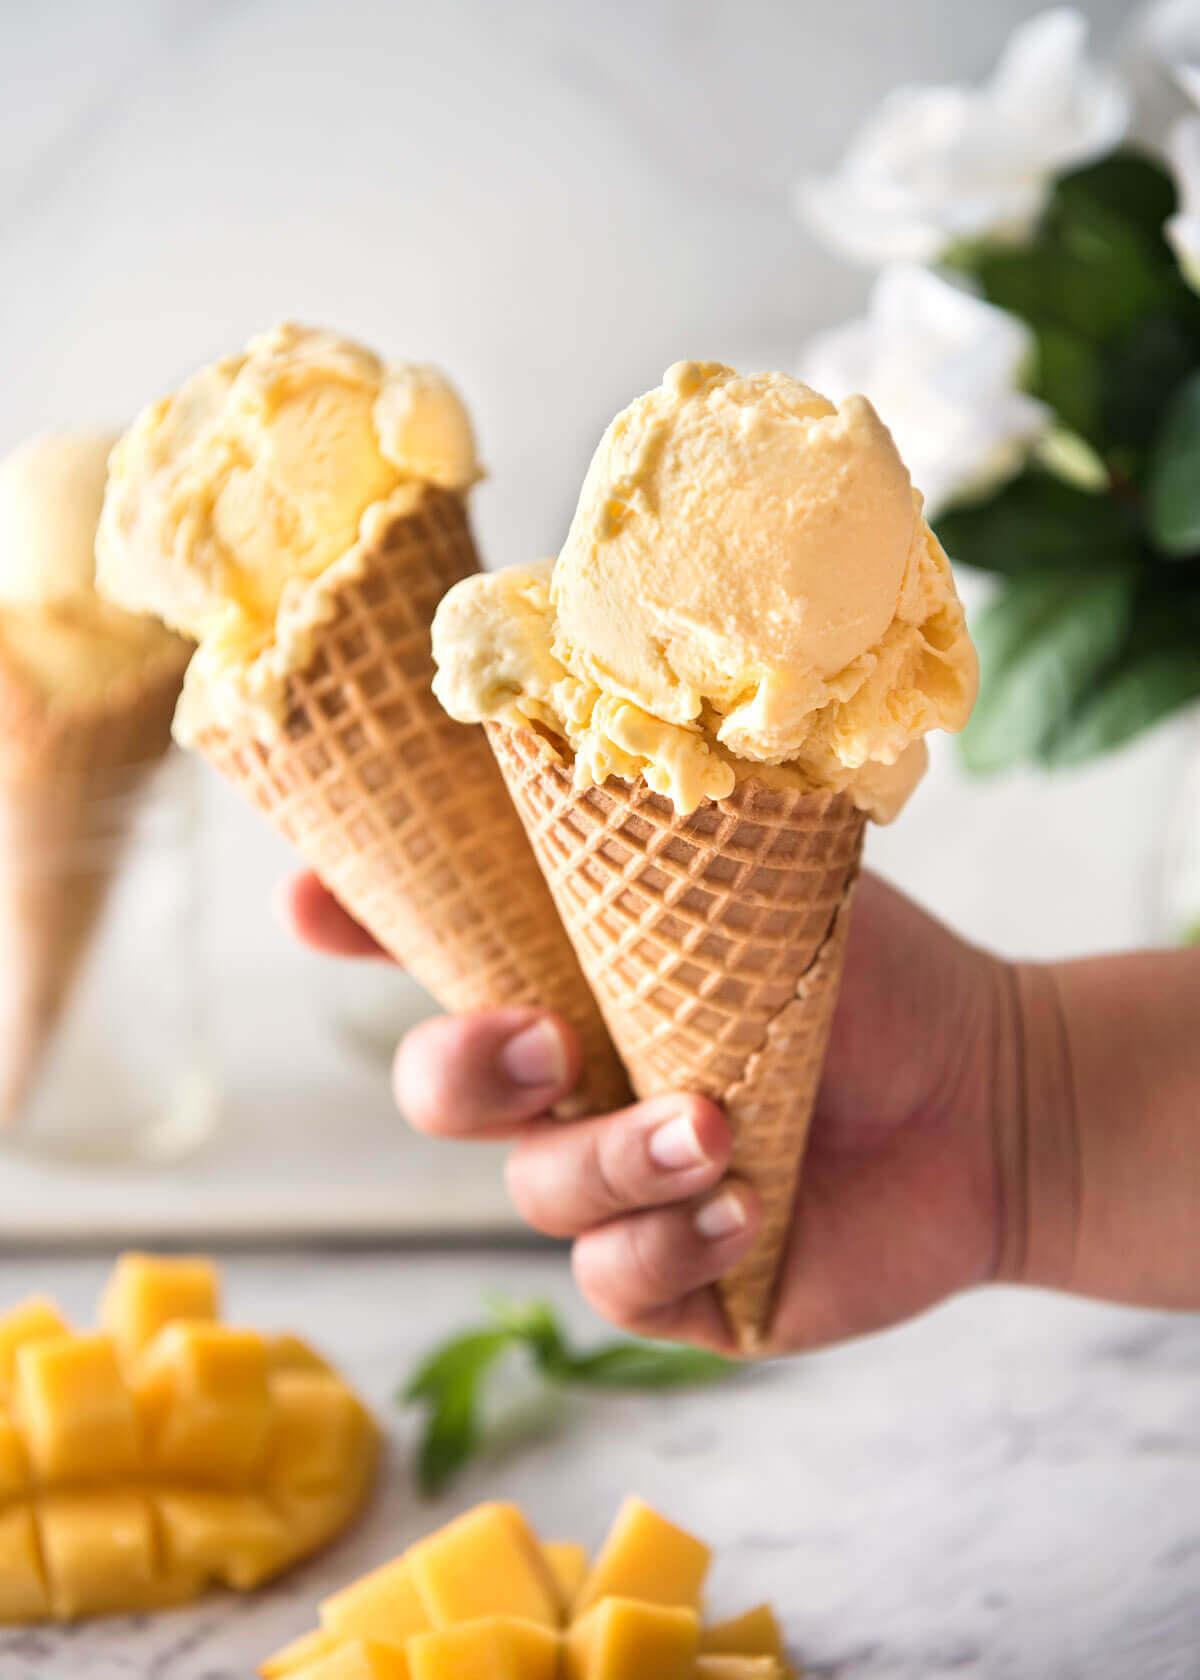 Homemade Mango Ice Cream Recipes (No Ice Cream Maker!) from RecipeTin Eats